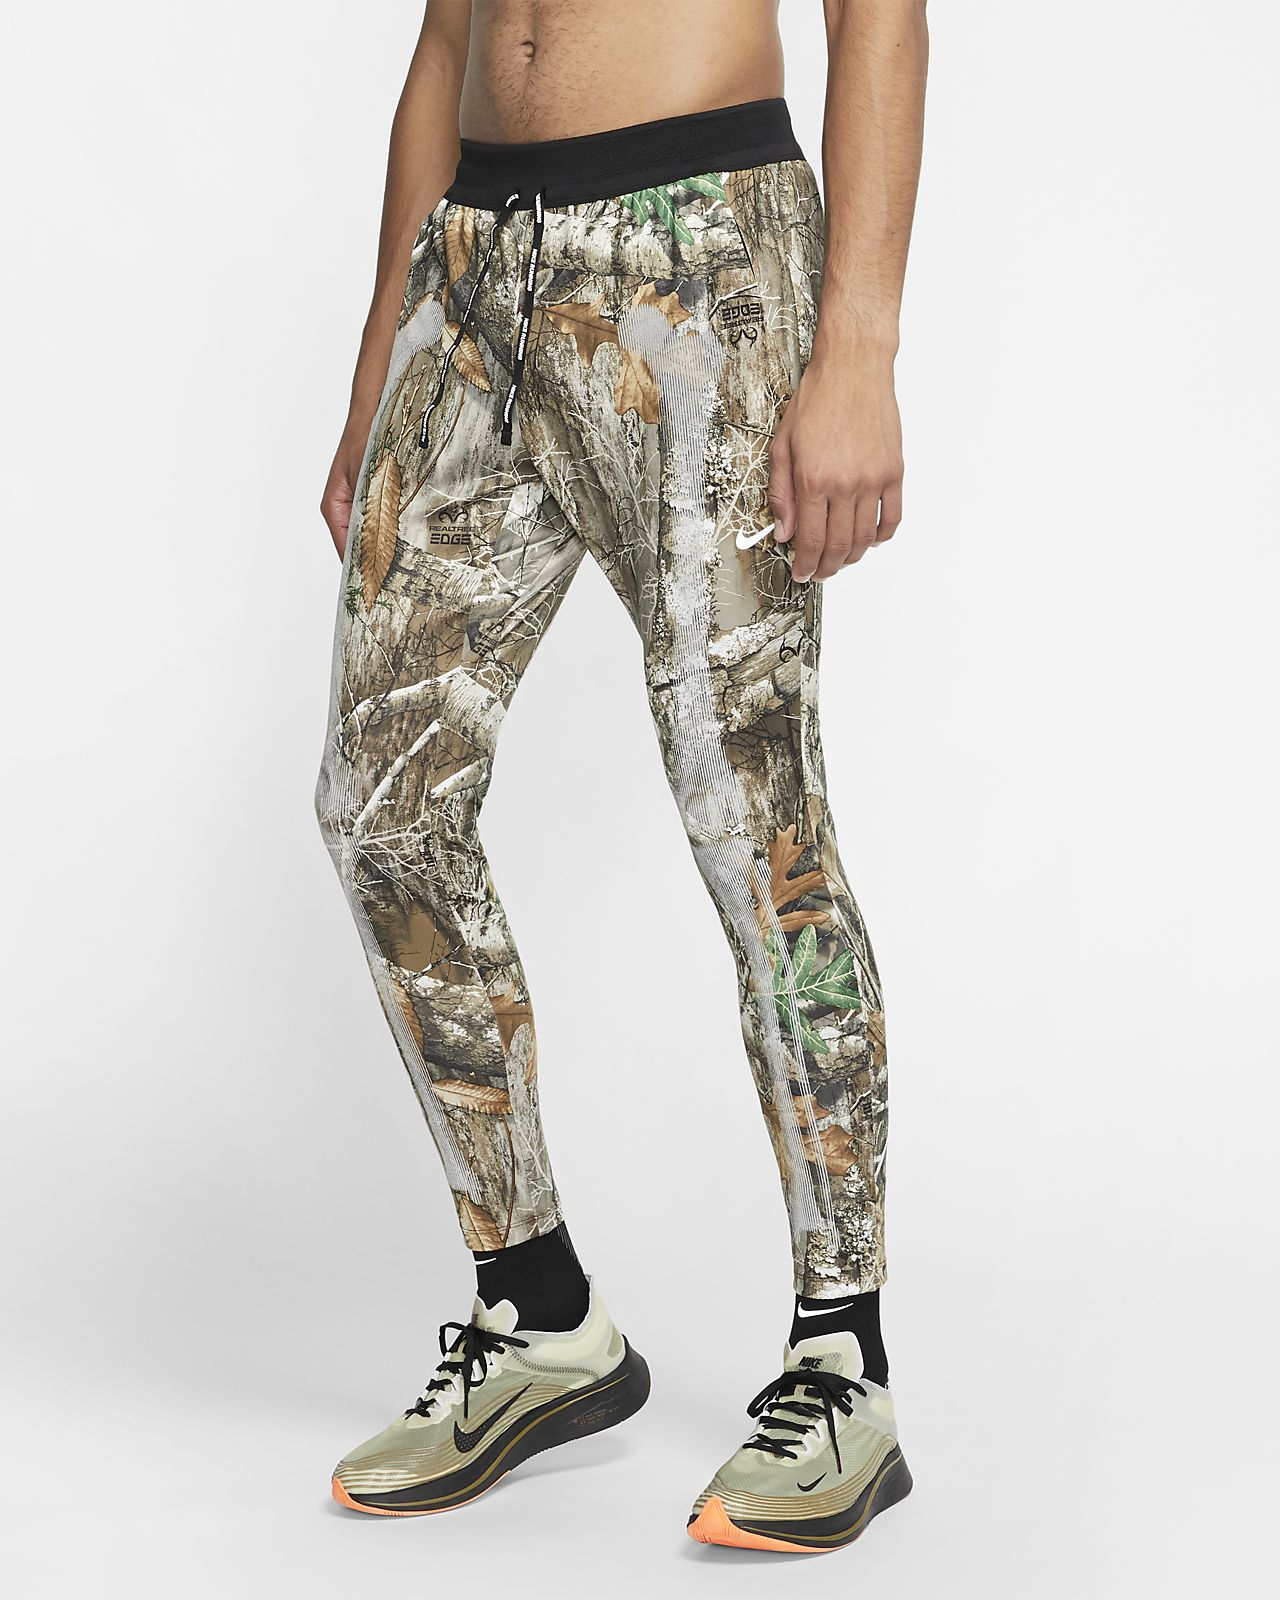 Pánské kalhoty Nike s motivem kostry